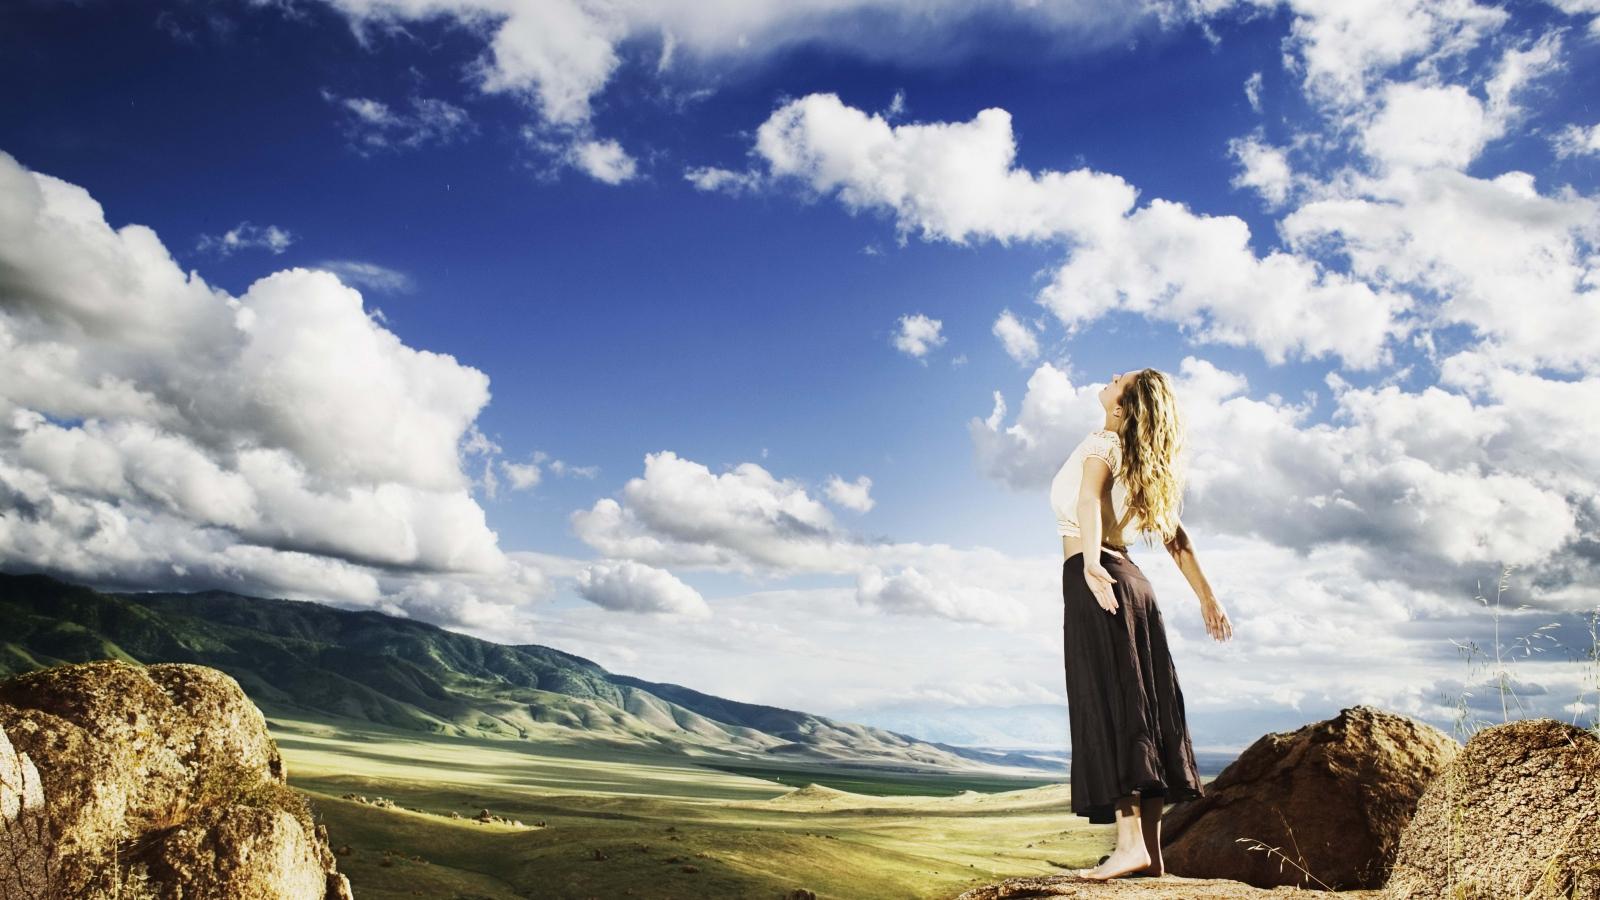 Articol Undele cerebrale – secretul trezirii spirituale? (I) - Tehnologie pentru viață